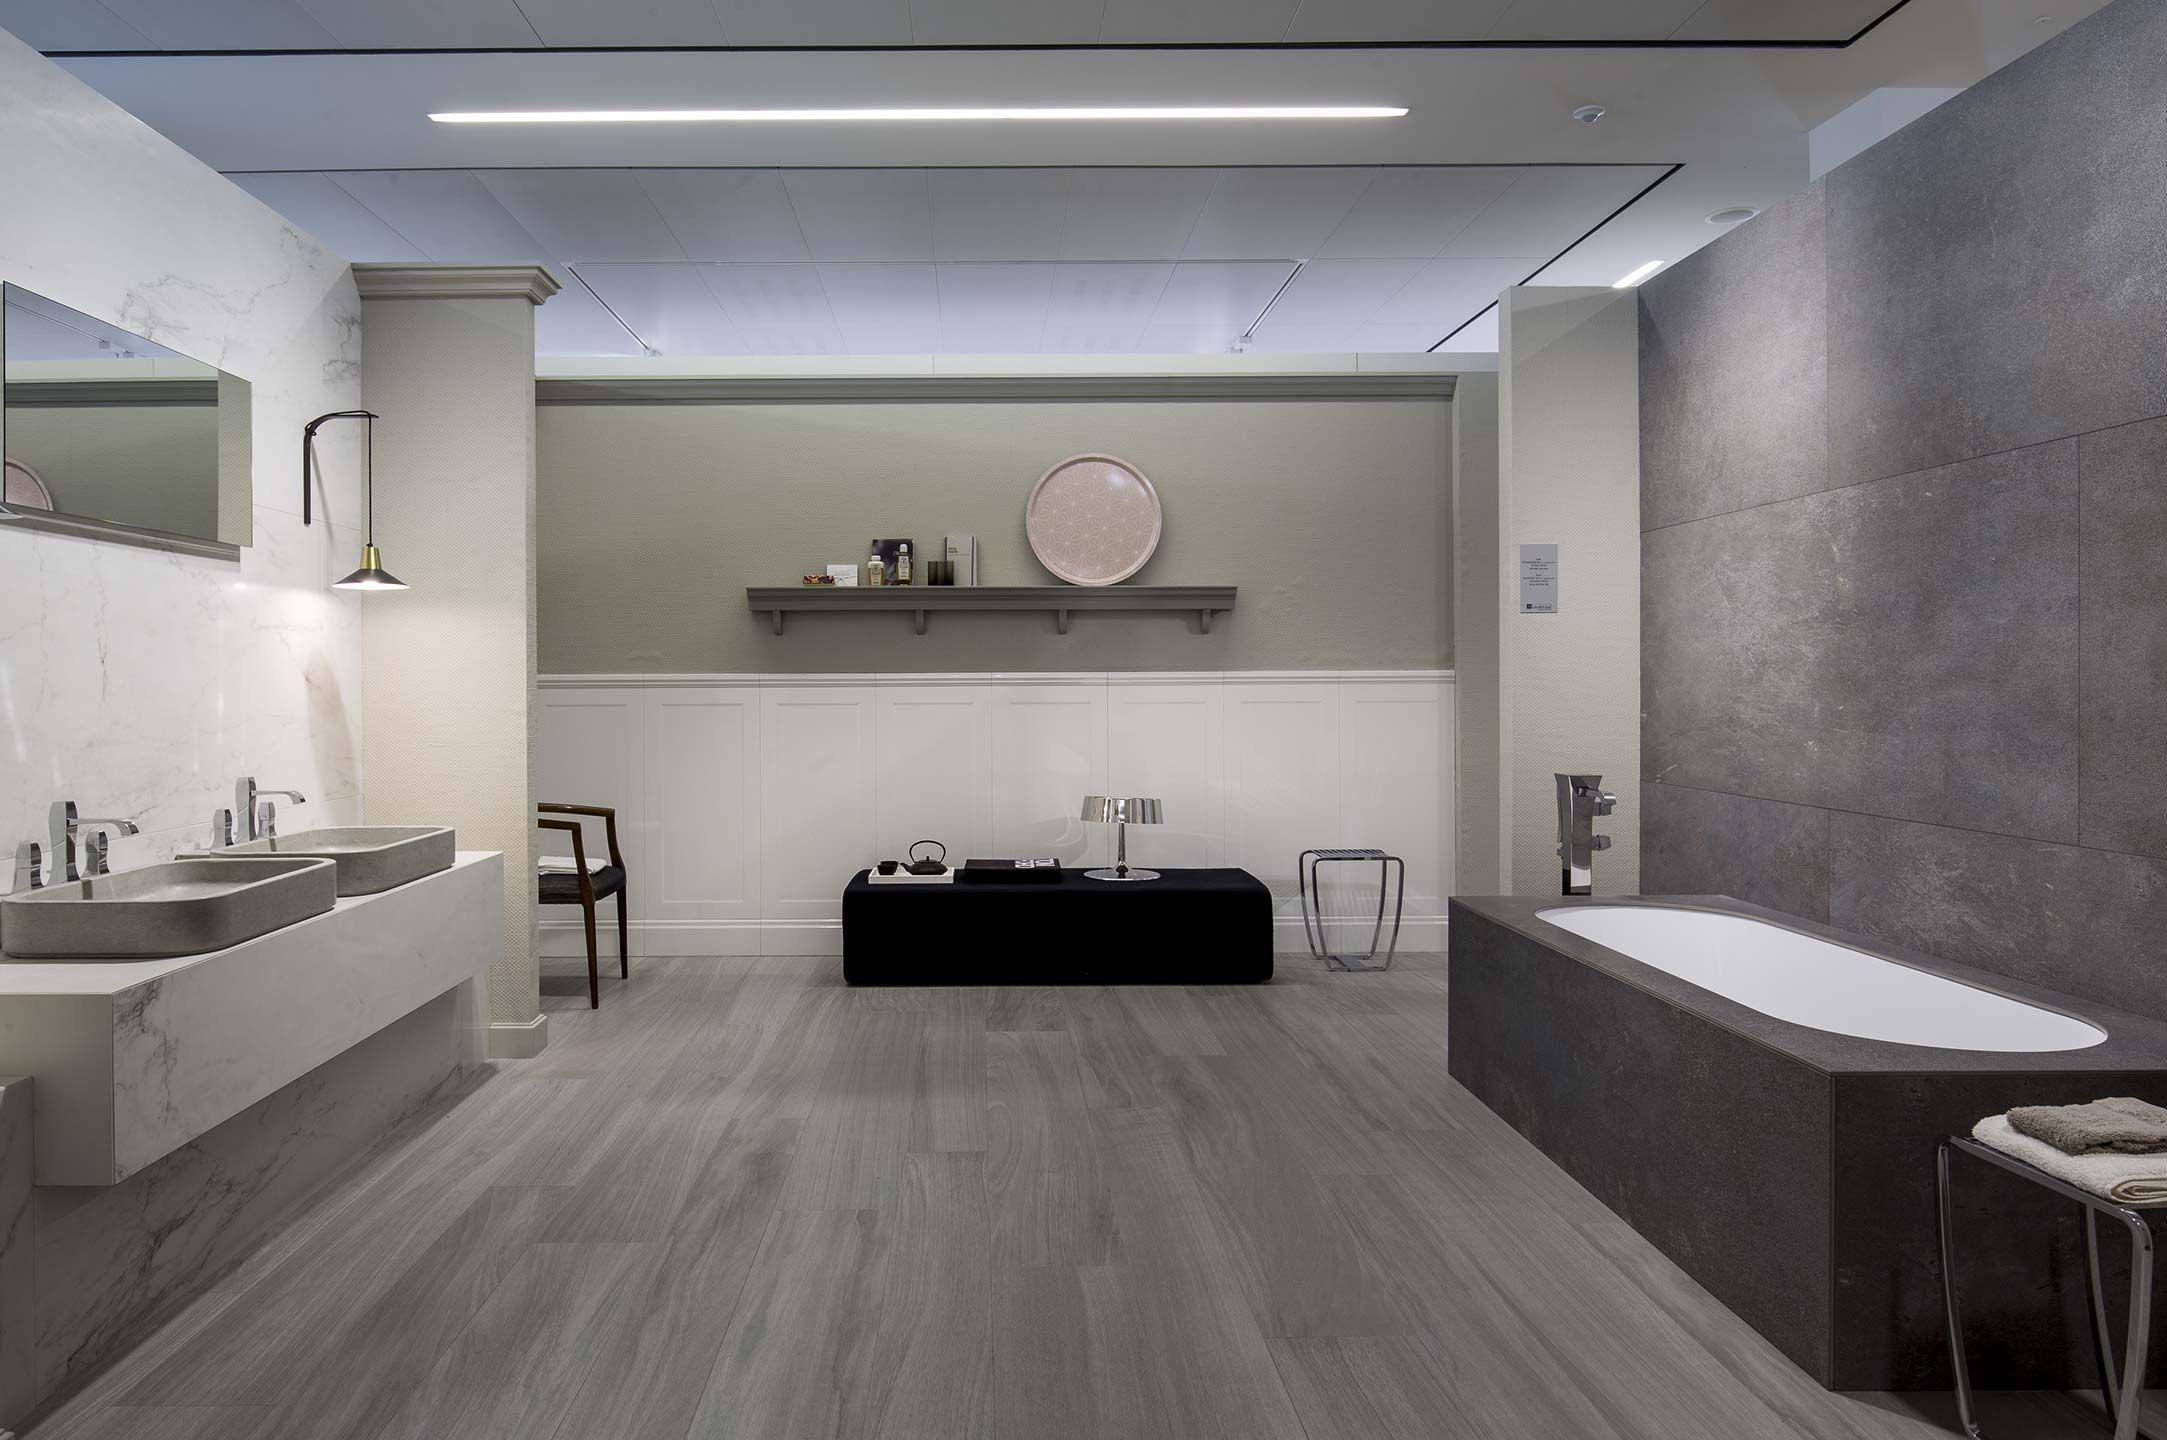 Piastrelle cucina bagno soggiorno camera gallery casa dolce